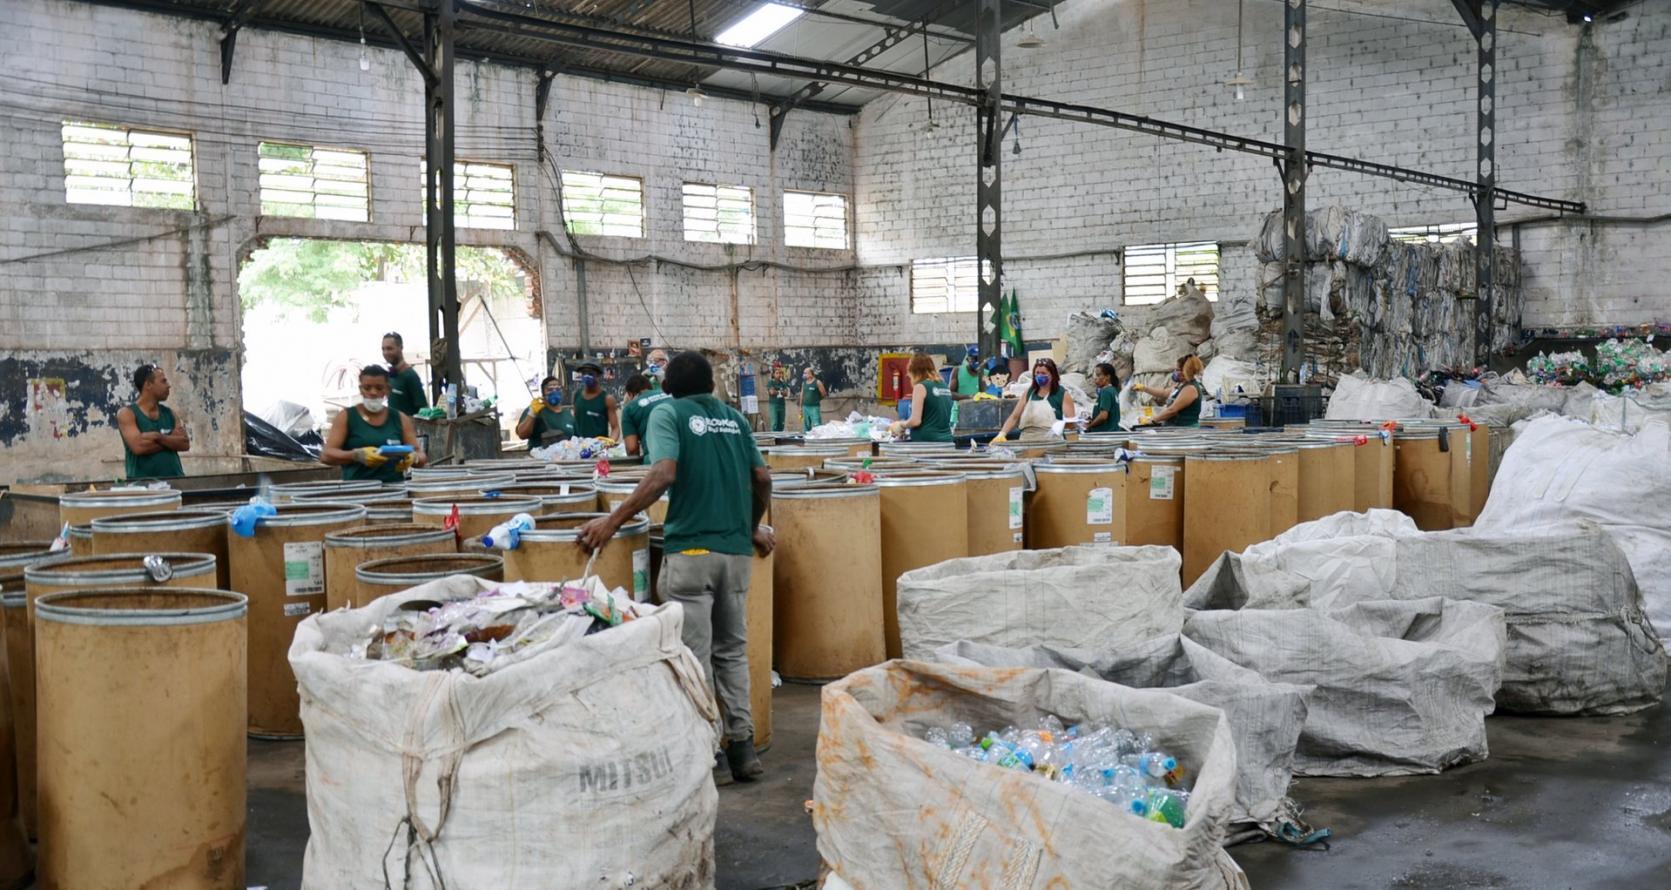 """Catadores de lixo do Rio de Janeiro: """"As pessoas cuspiam em nós, mas agora estamos nos Jogos Olímpicos"""""""